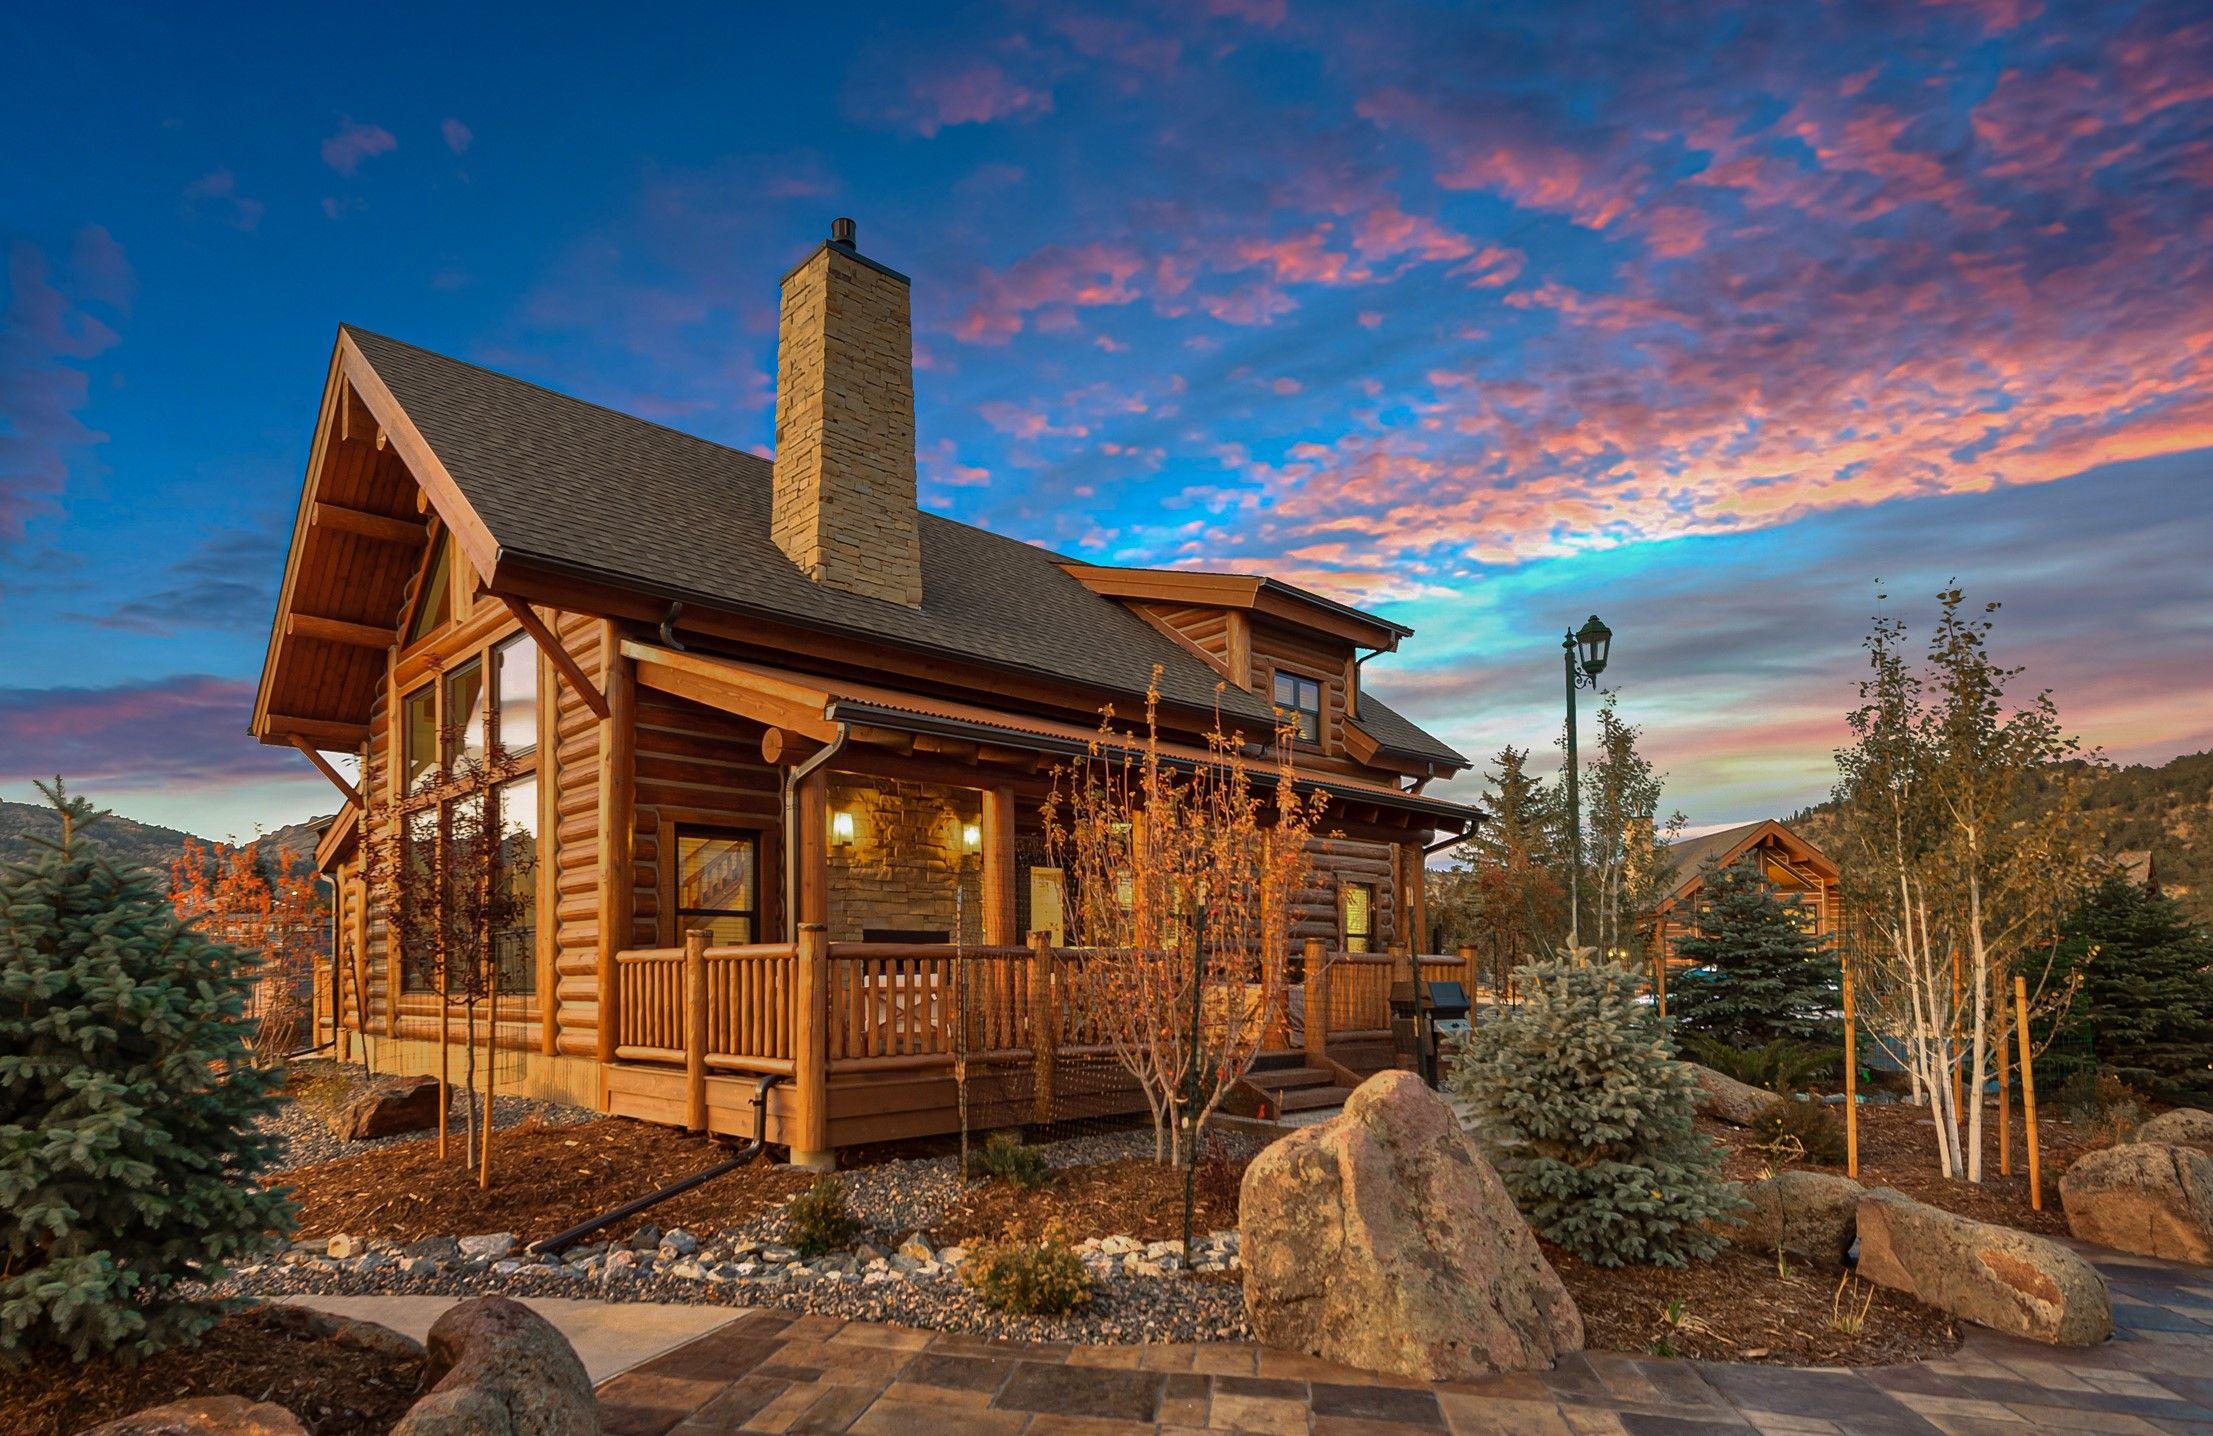 8 Luxury Log Cabins On Lake Estes In 2020 Estes Park Cabins Colorado Cabins Cabin Vacation